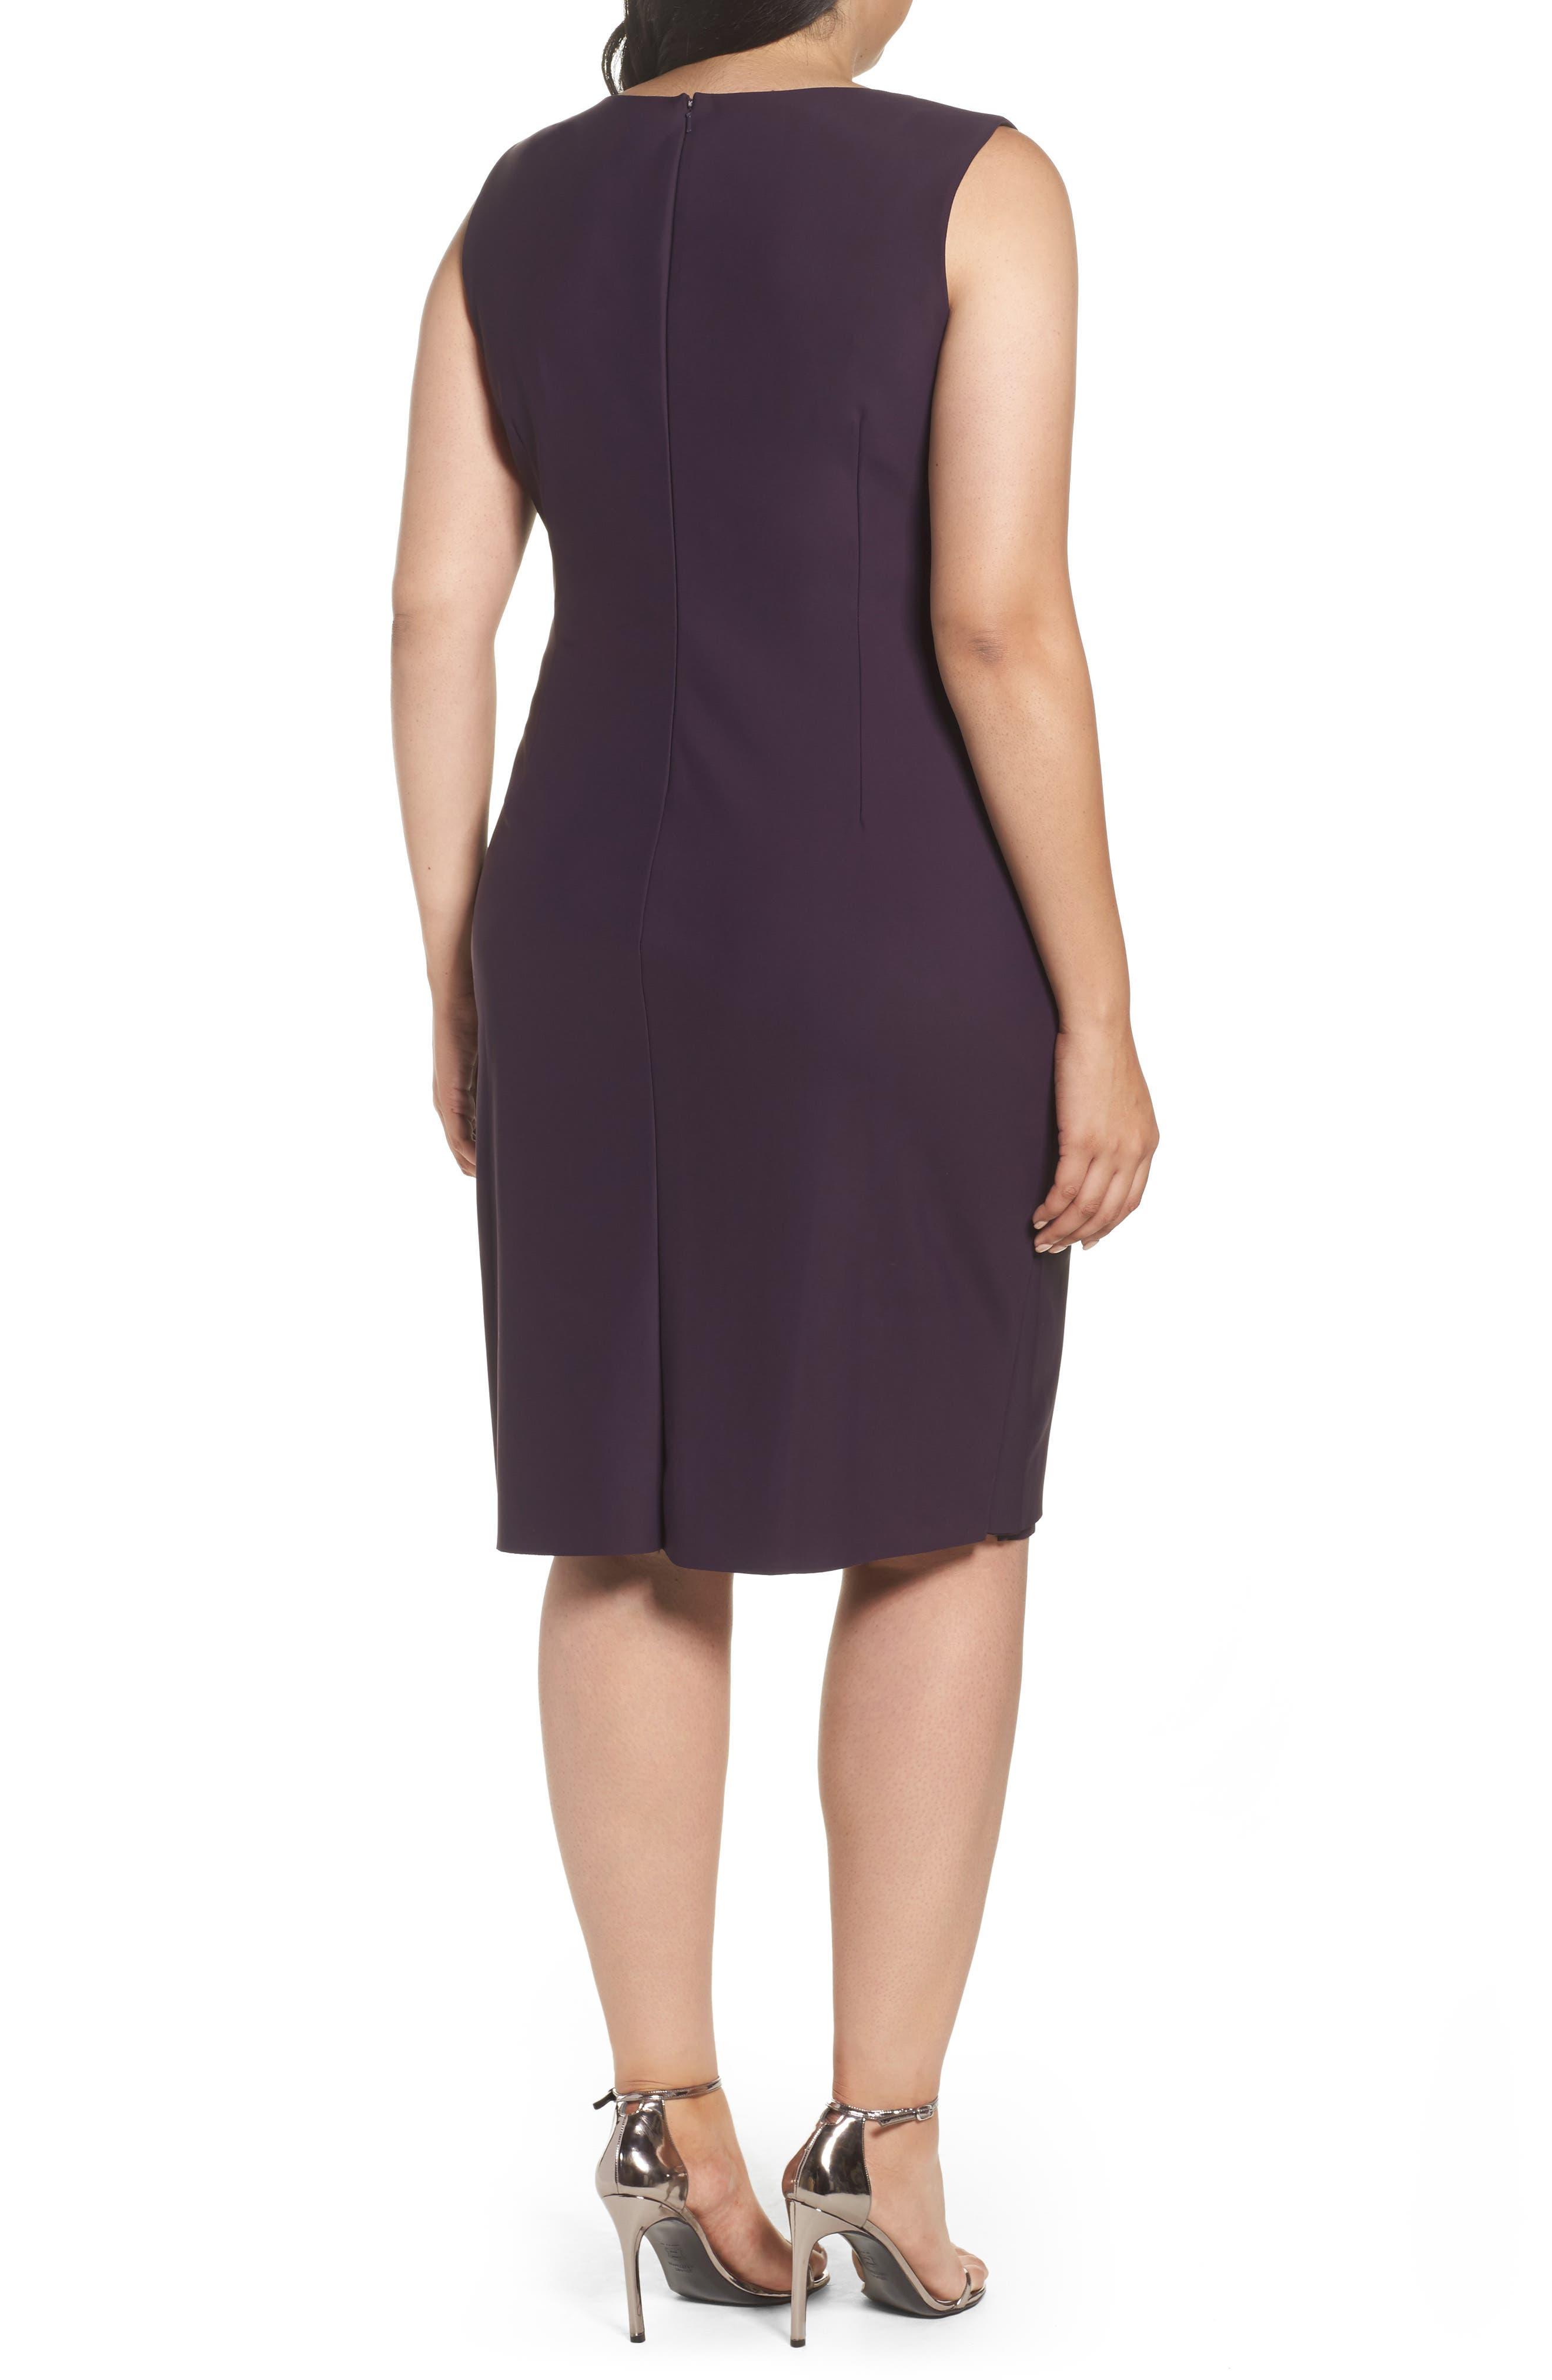 Alternate Image 2  - Alex Evenings Embellished Square Neck Sleeveless Sheath Dress (Plus Size)